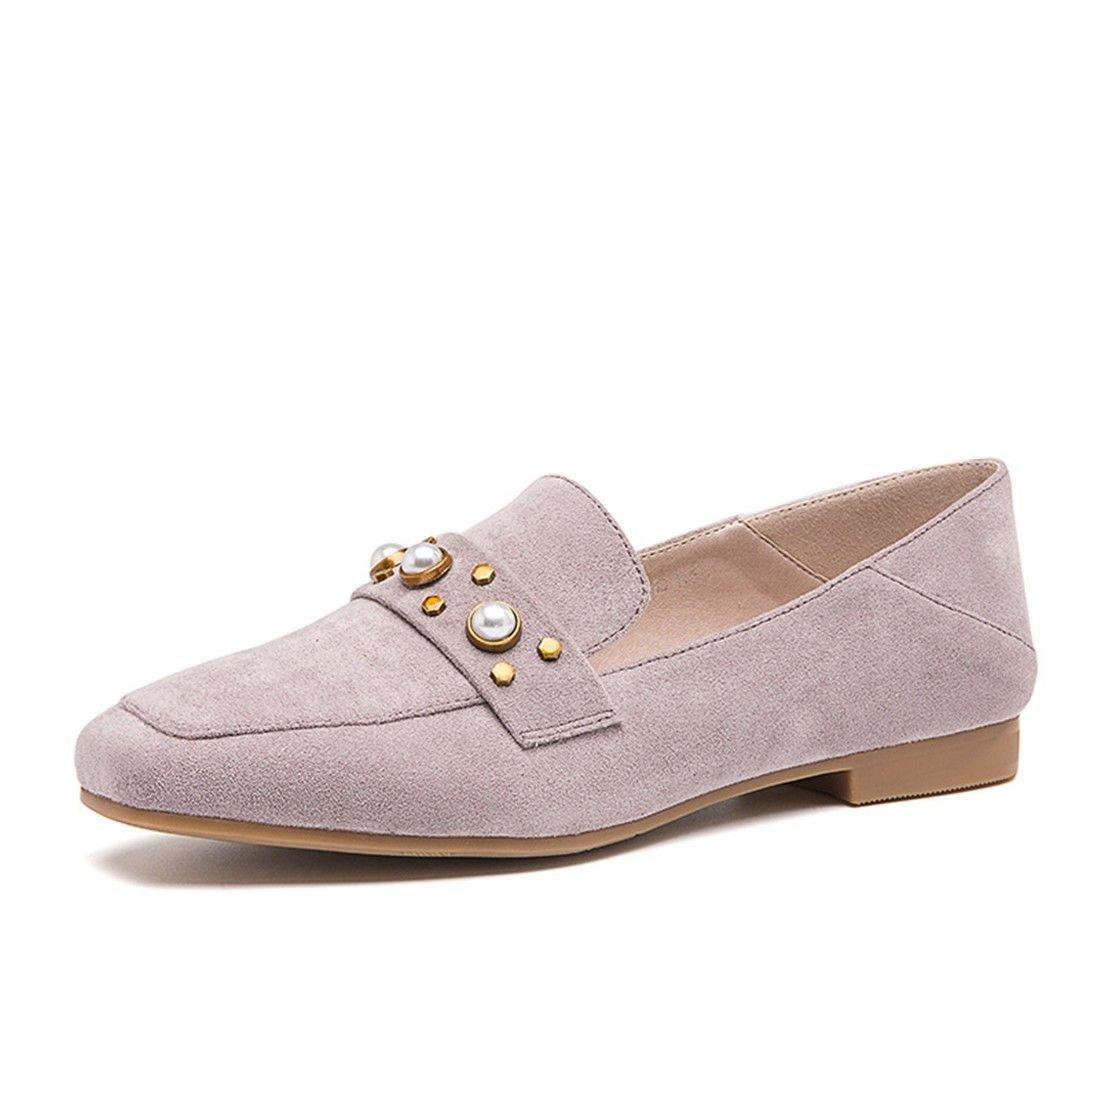 Europe Wxmddn B01n1fjhs2 Étudiants Femmes Printemps Pour Chaussures pRnSrR